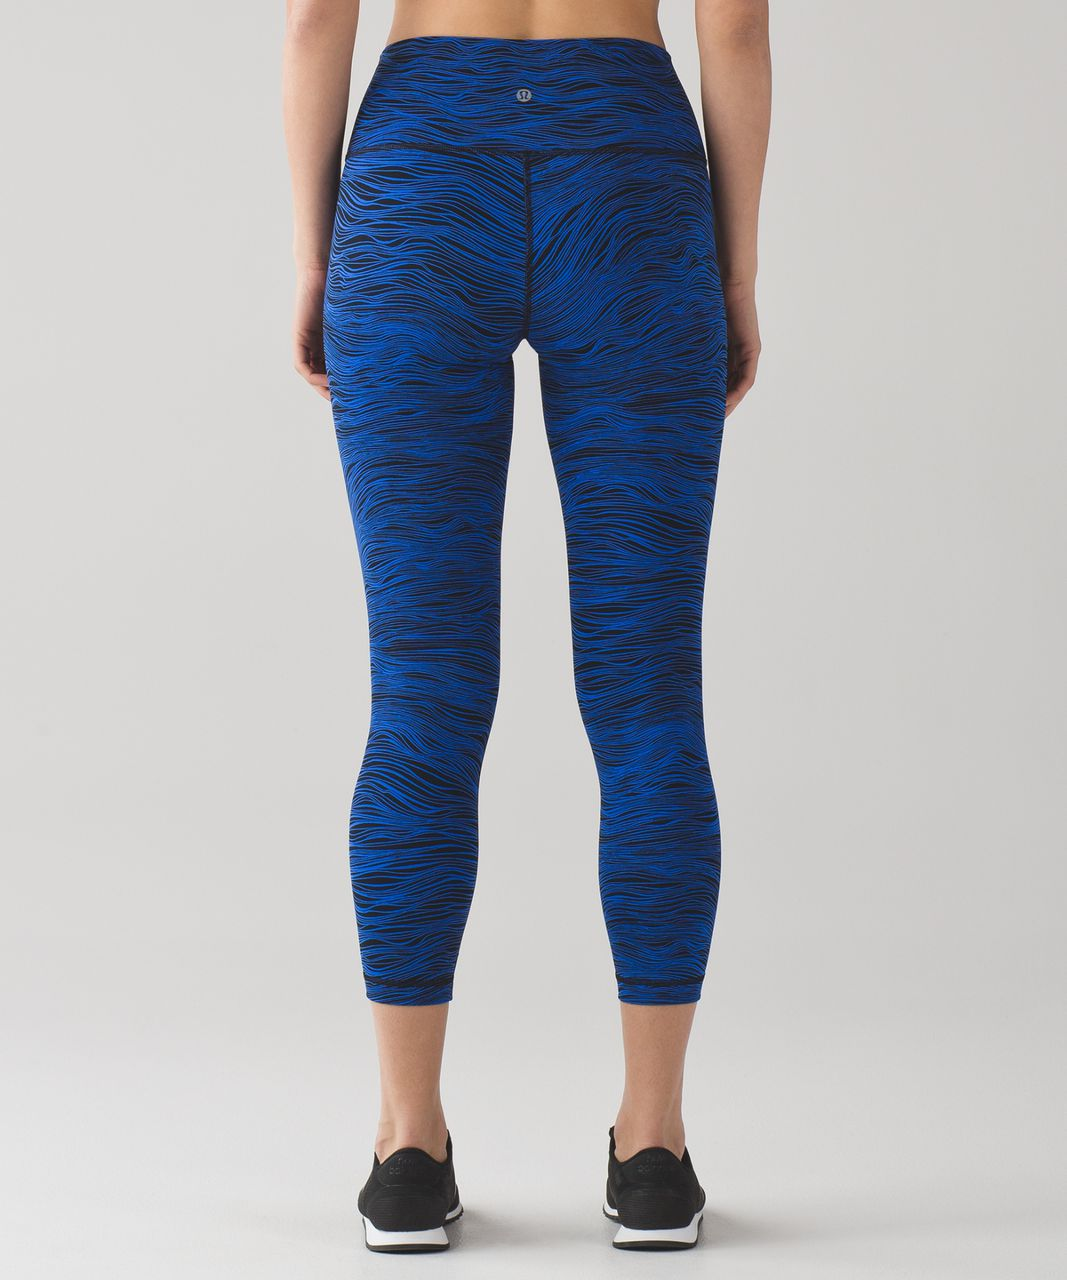 bd40ee63573df Lululemon High Times Pant (Full-On Luxtreme) - Life Lines Cerulean Blue  Black - lulu fanatics